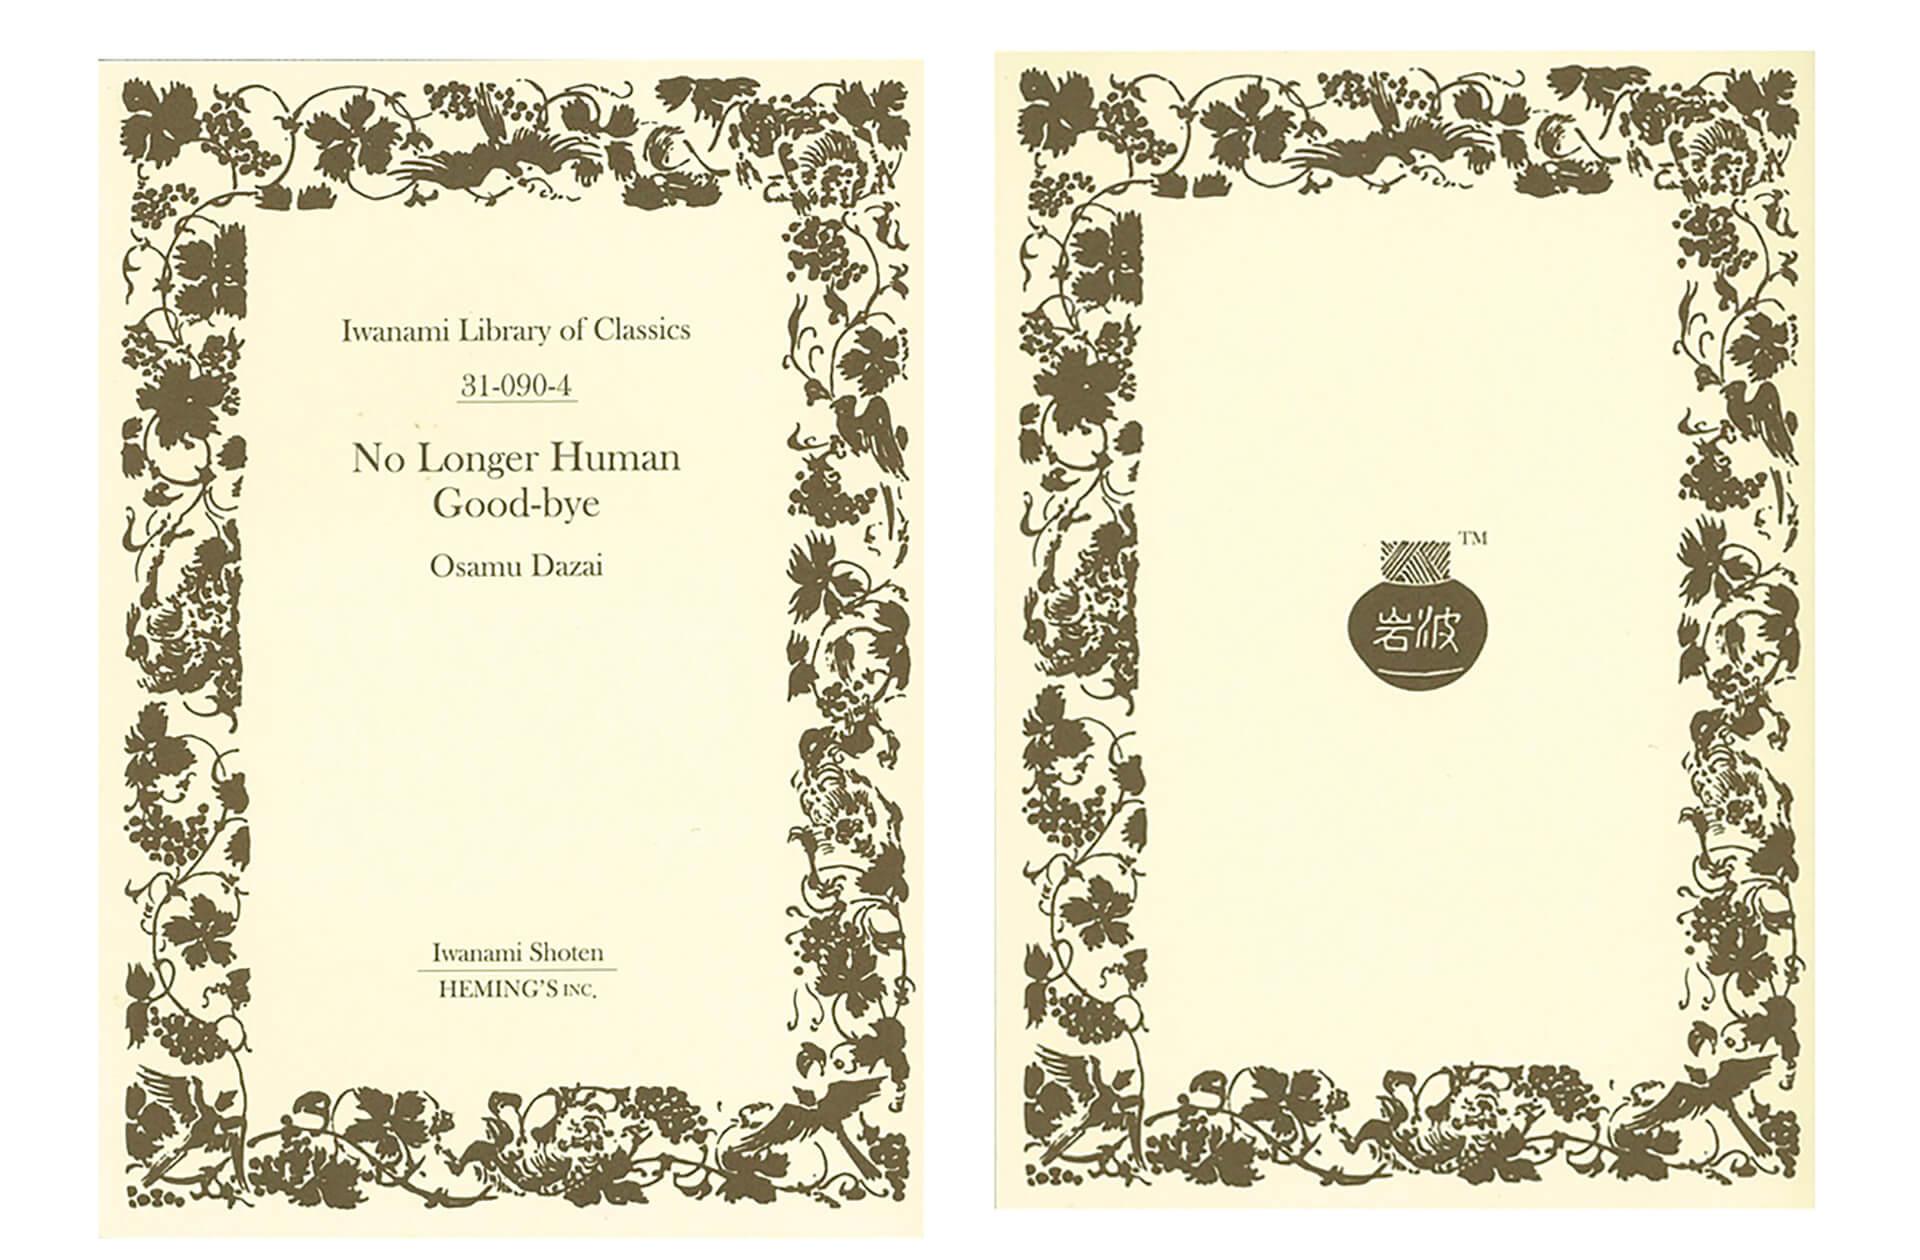 「岩波文庫」の初期の表紙デザインのグッズ